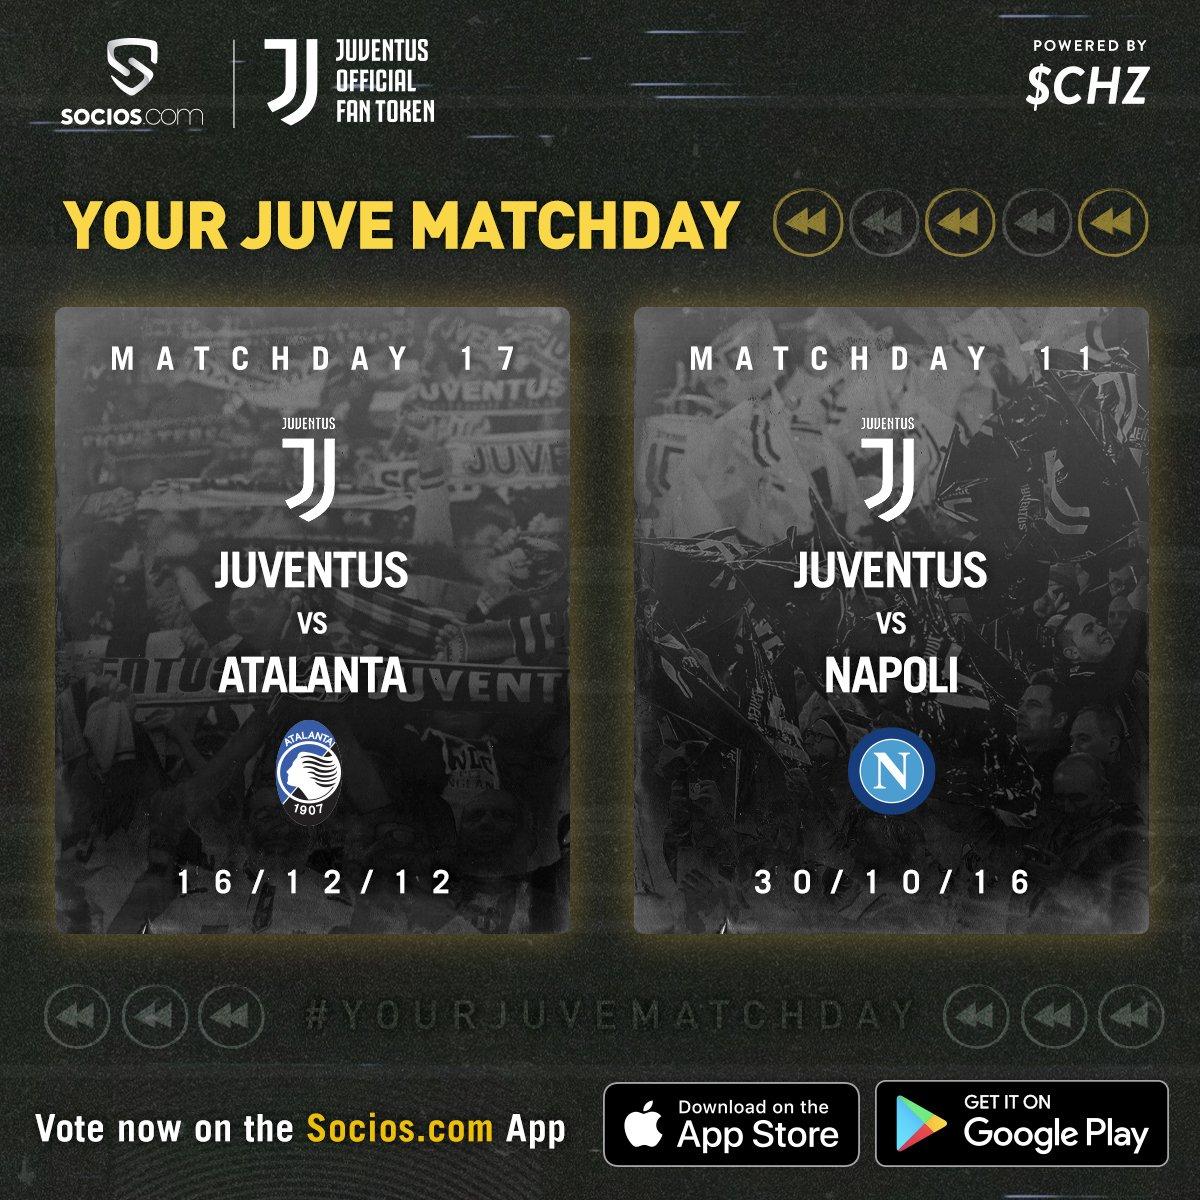 Saatnya FINAL #YourJuveMatchday! ⚪️⚫️  🤔 Pertandingan mana yang ingin kalian saksikan, Bianconeri: #JuveAtalanta atau #JuveNapoli?  🗳 Tentukan pilihanmu di aplikasi @socios ➡️ https://t.co/IykGdWlTJo https://t.co/gVEfCK3yPu